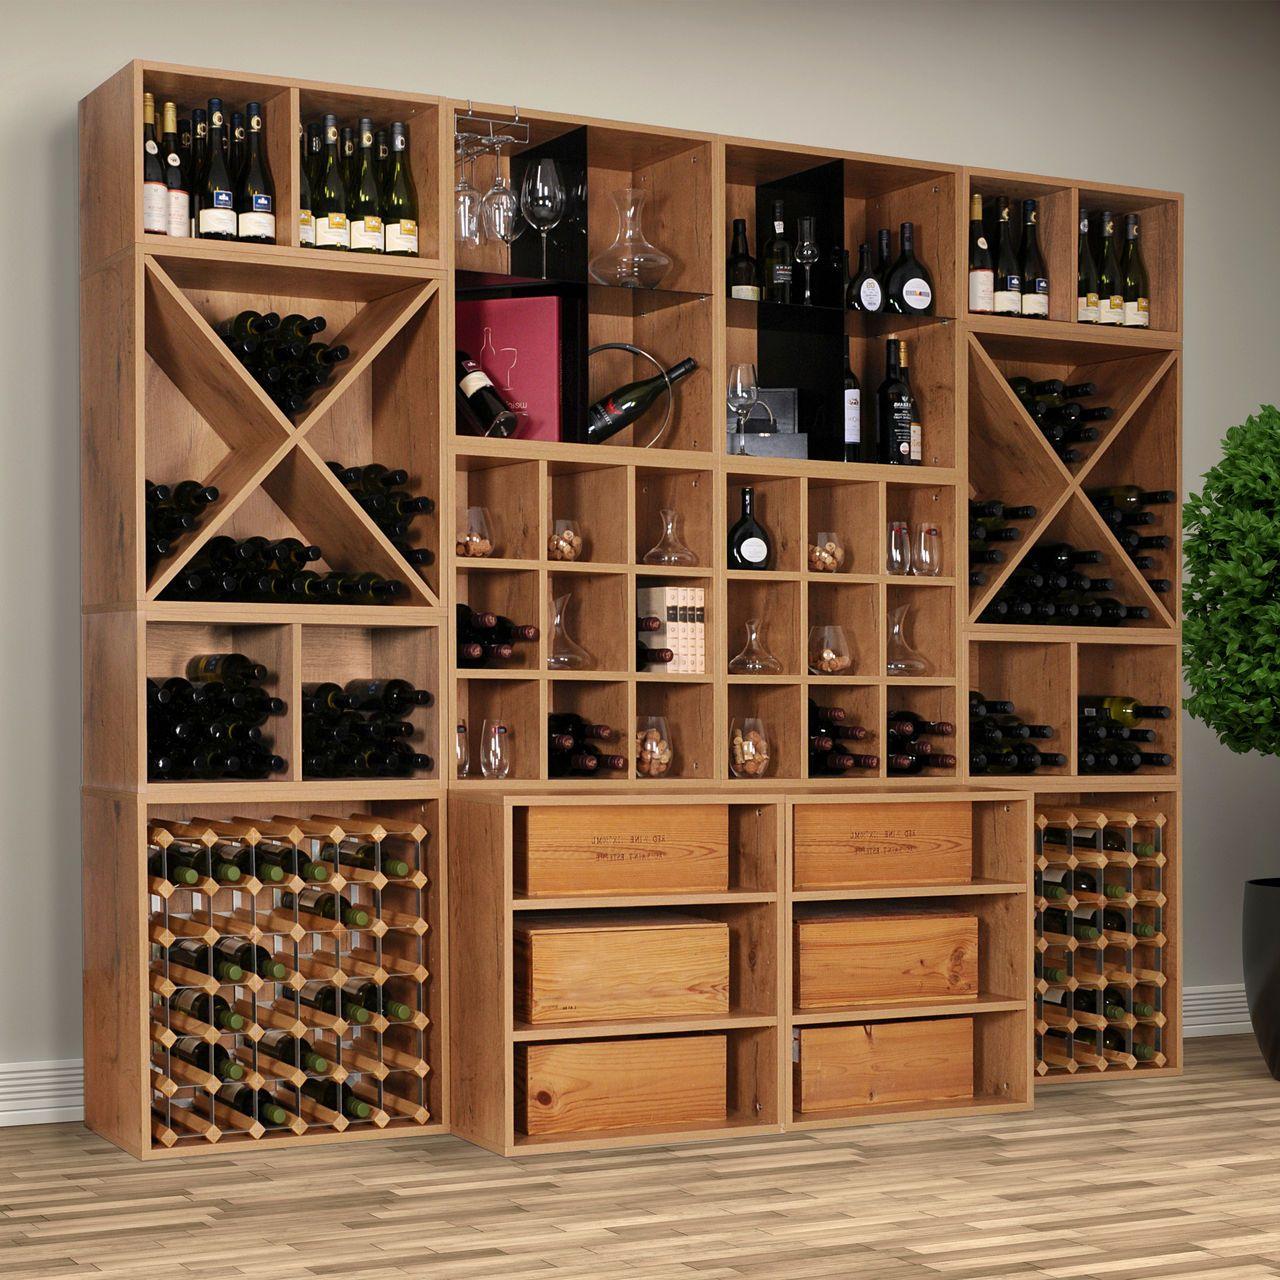 Weinregal Cavepro Aus Holz In Verschiedenen Modulen Für Weinflaschen Weinkisten Glässer Und Vieles Mehr